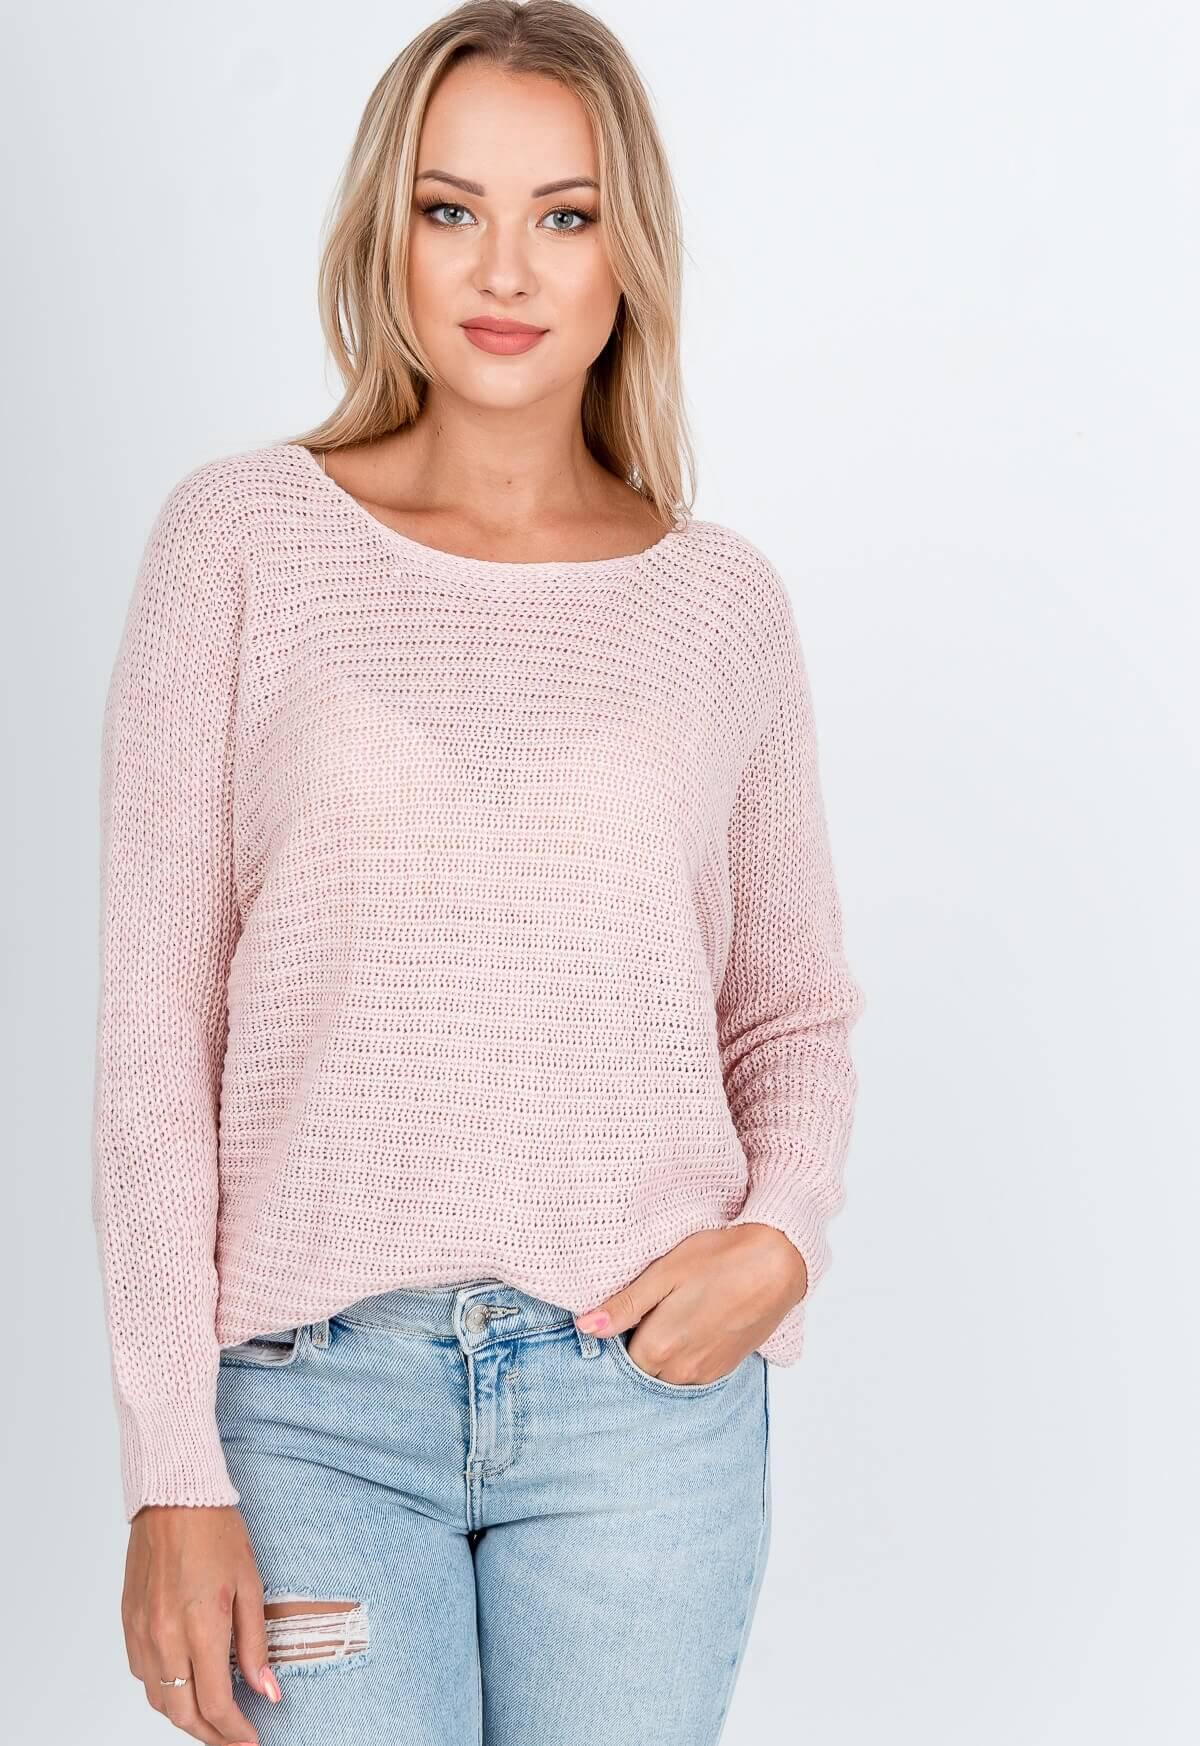 Ružový oversize sveter s okrúhlym výstrihom